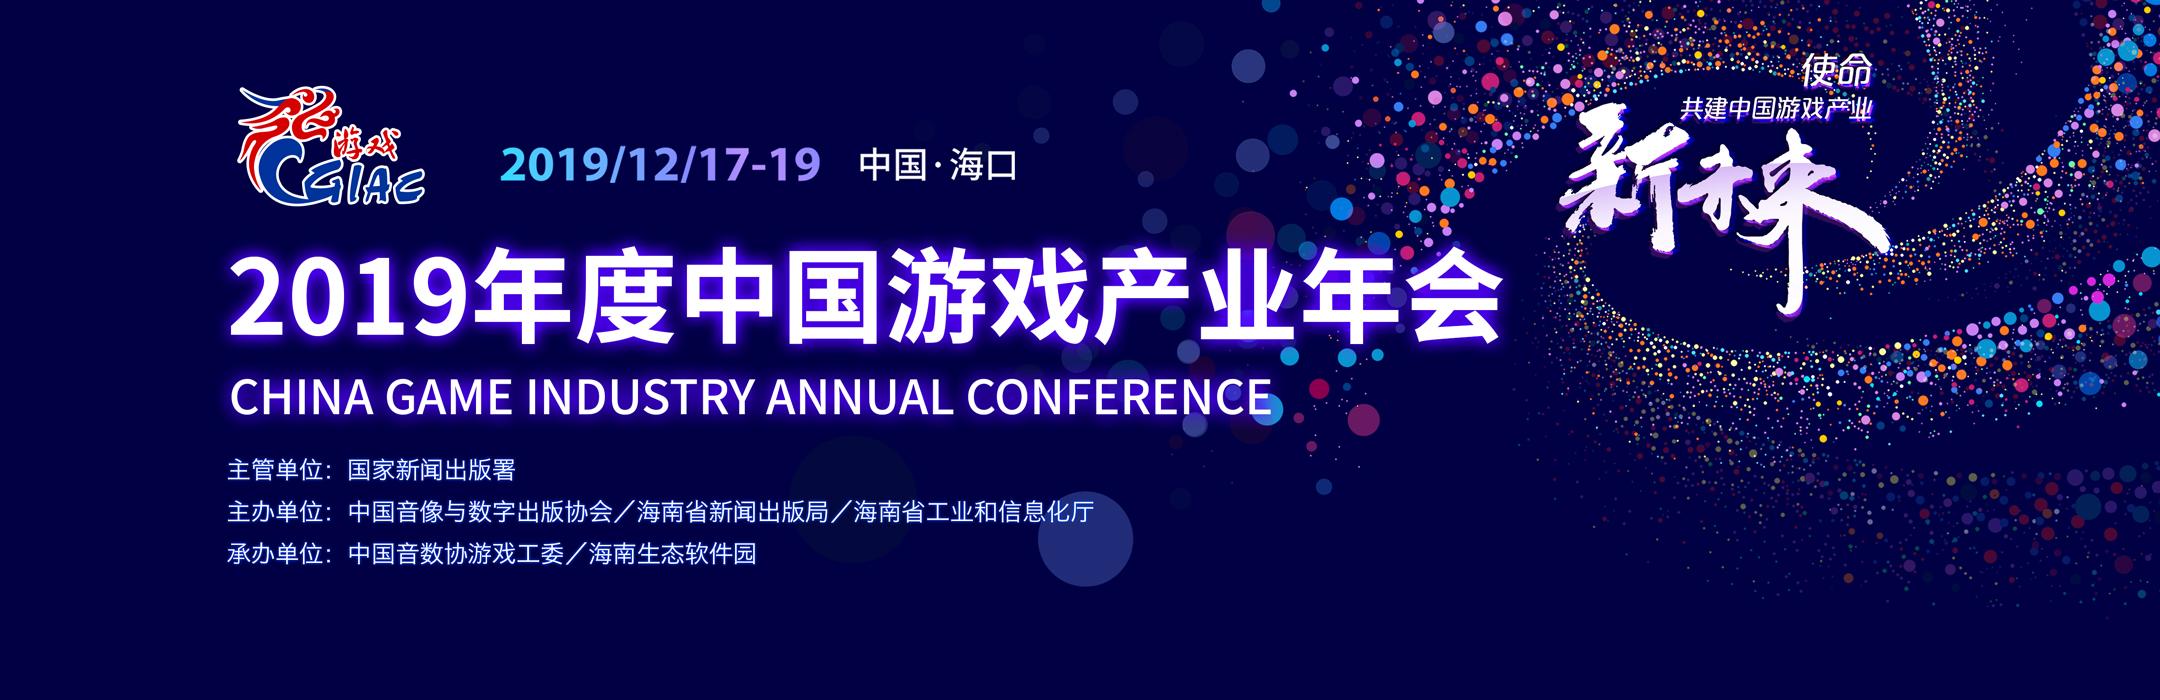 游戏行业重磅消息:2019年度中国游戏产业年会大会日程公布